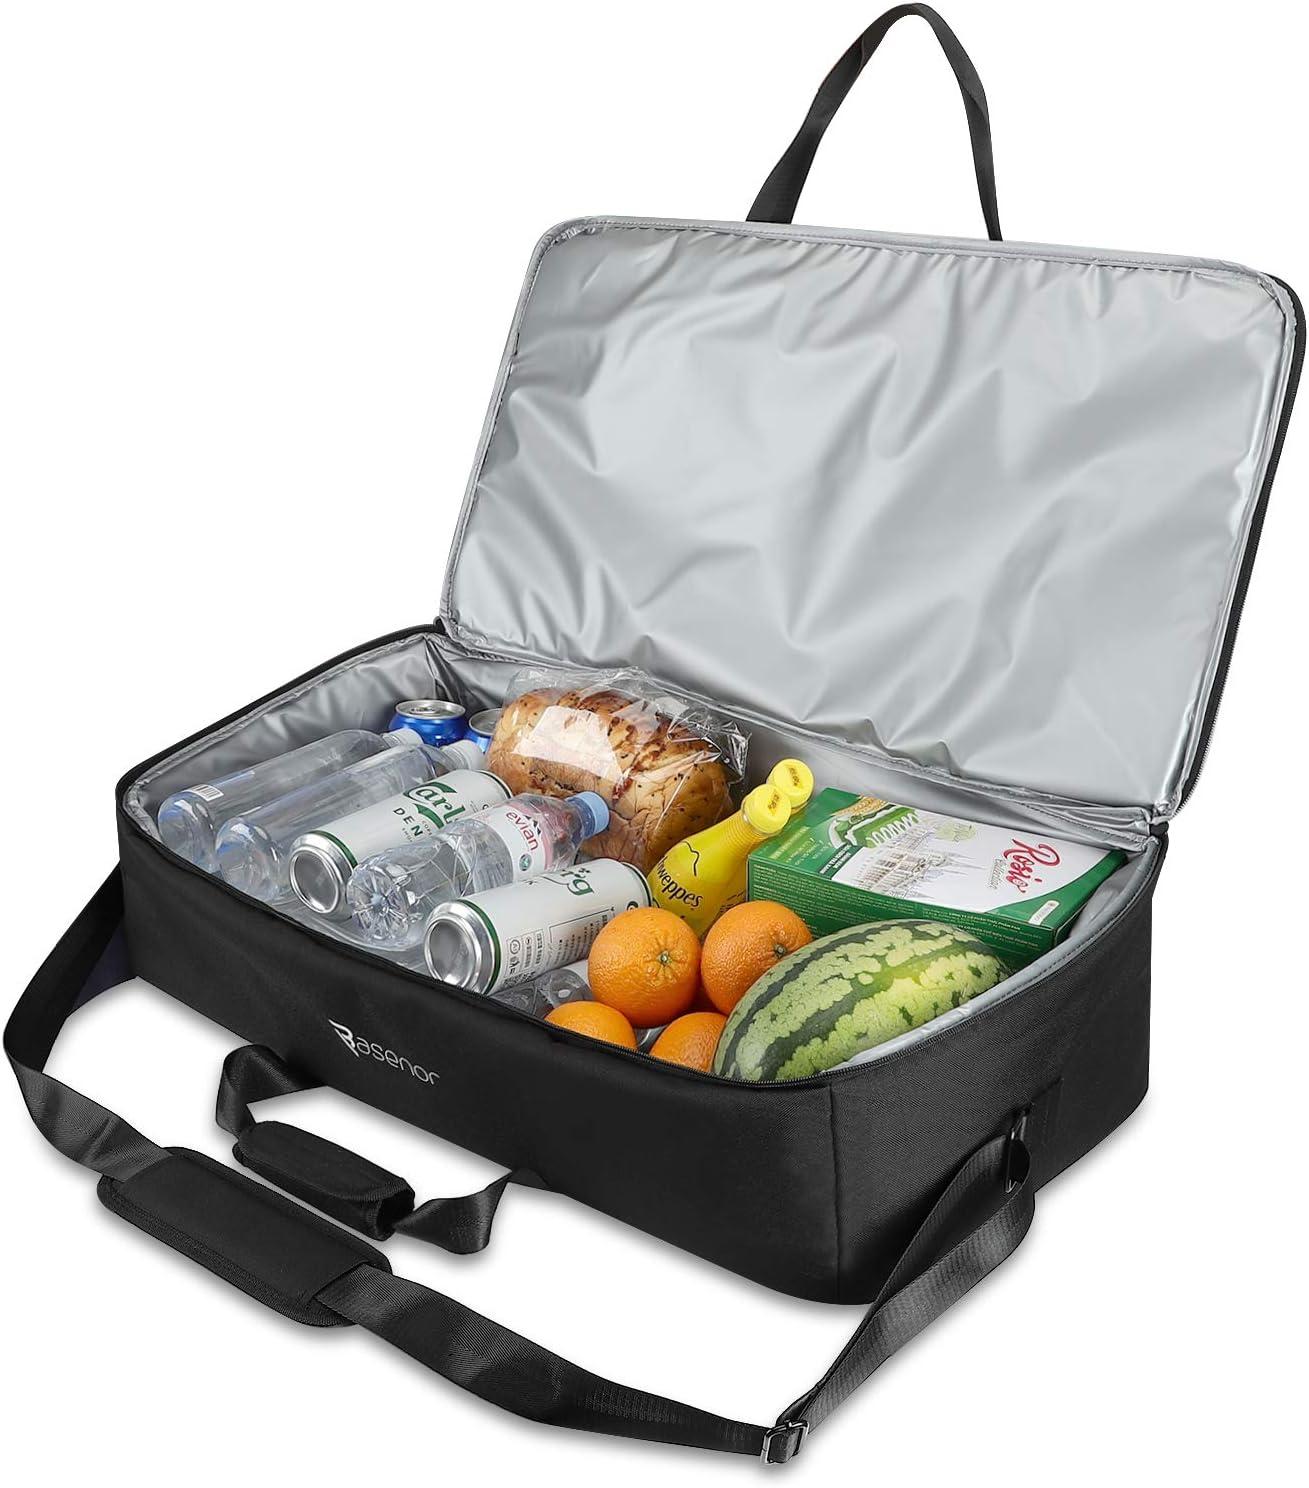 Tesla Model 3 Model Y Model X Frunk Cooler Organizer Insulation Cooler Bag with Mesh Pockets